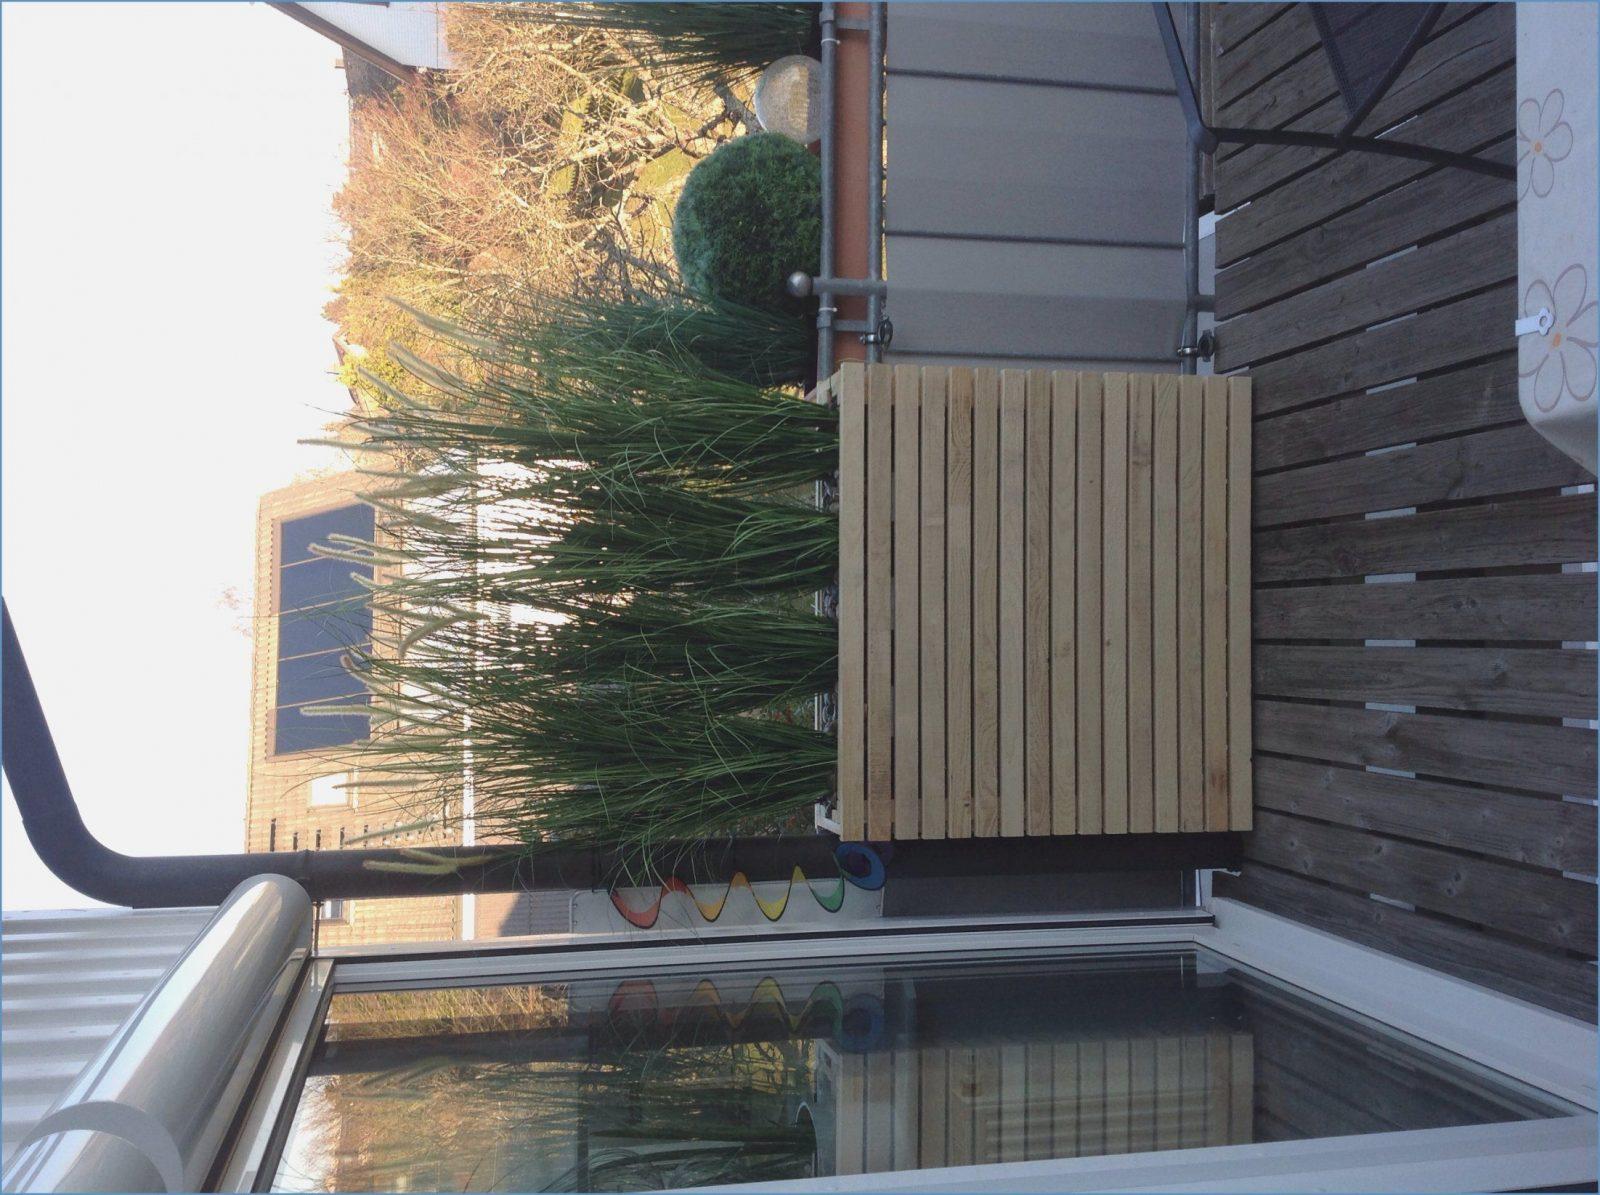 Beste Von Sichtschutz Balkon Selber Machen Schema von Sichtschutz Balkon Selber Bauen Bild